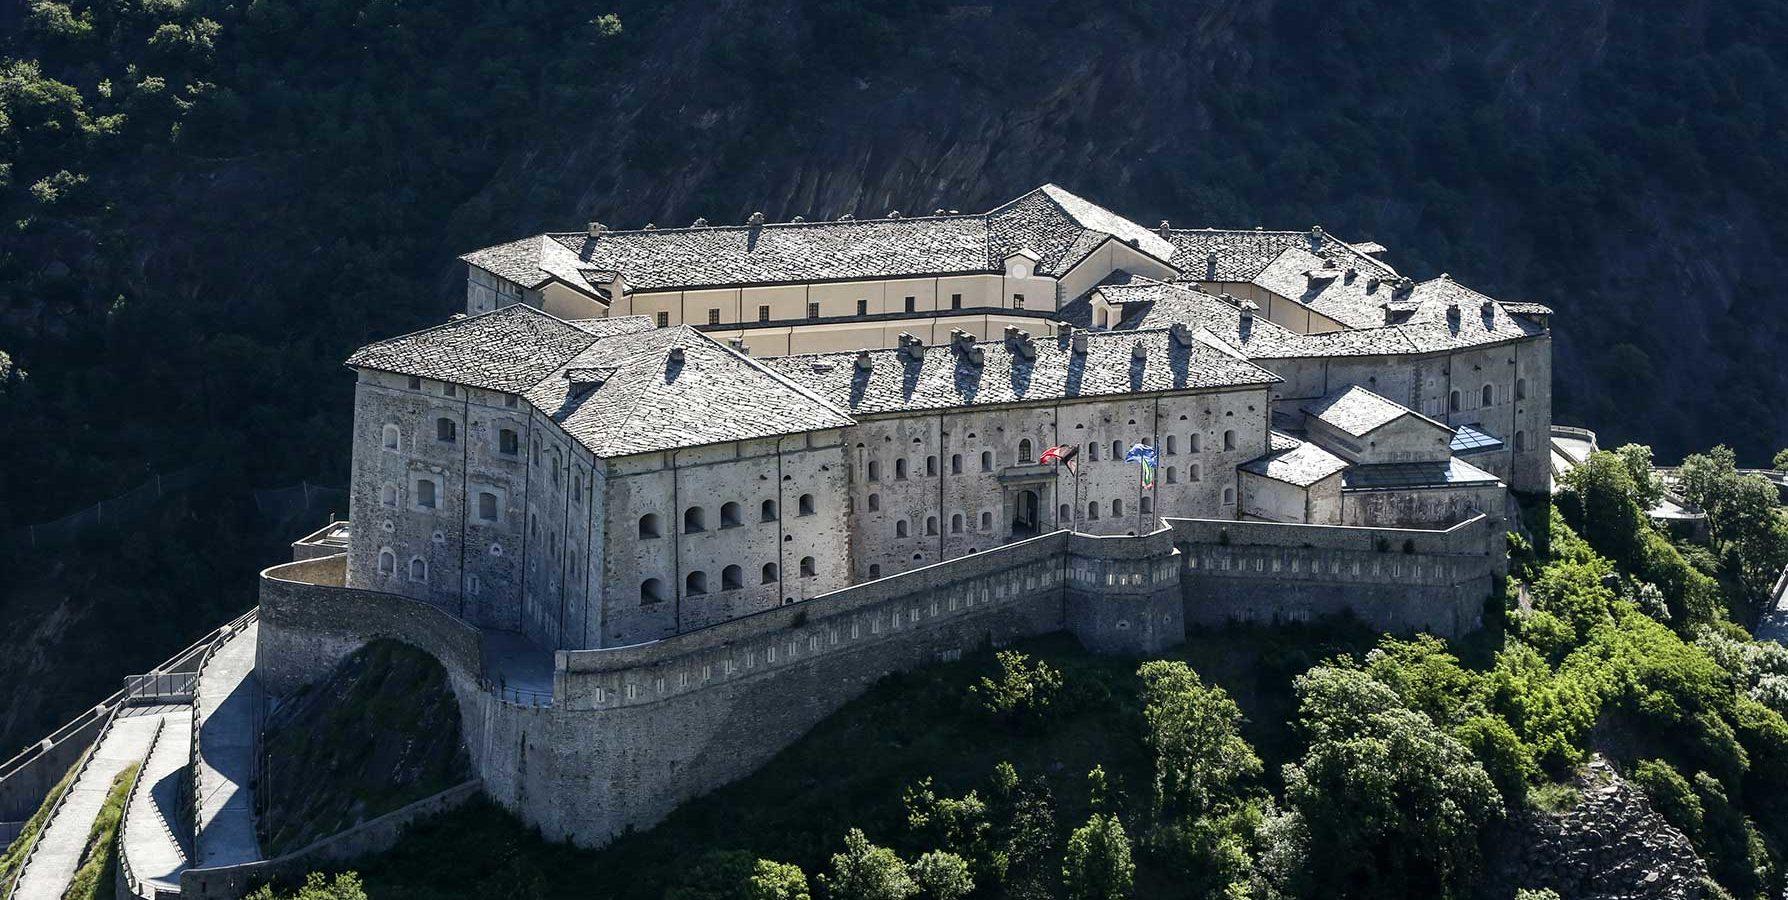 © Archivio Fotografico Regione Autonoma Valle d'Aosta